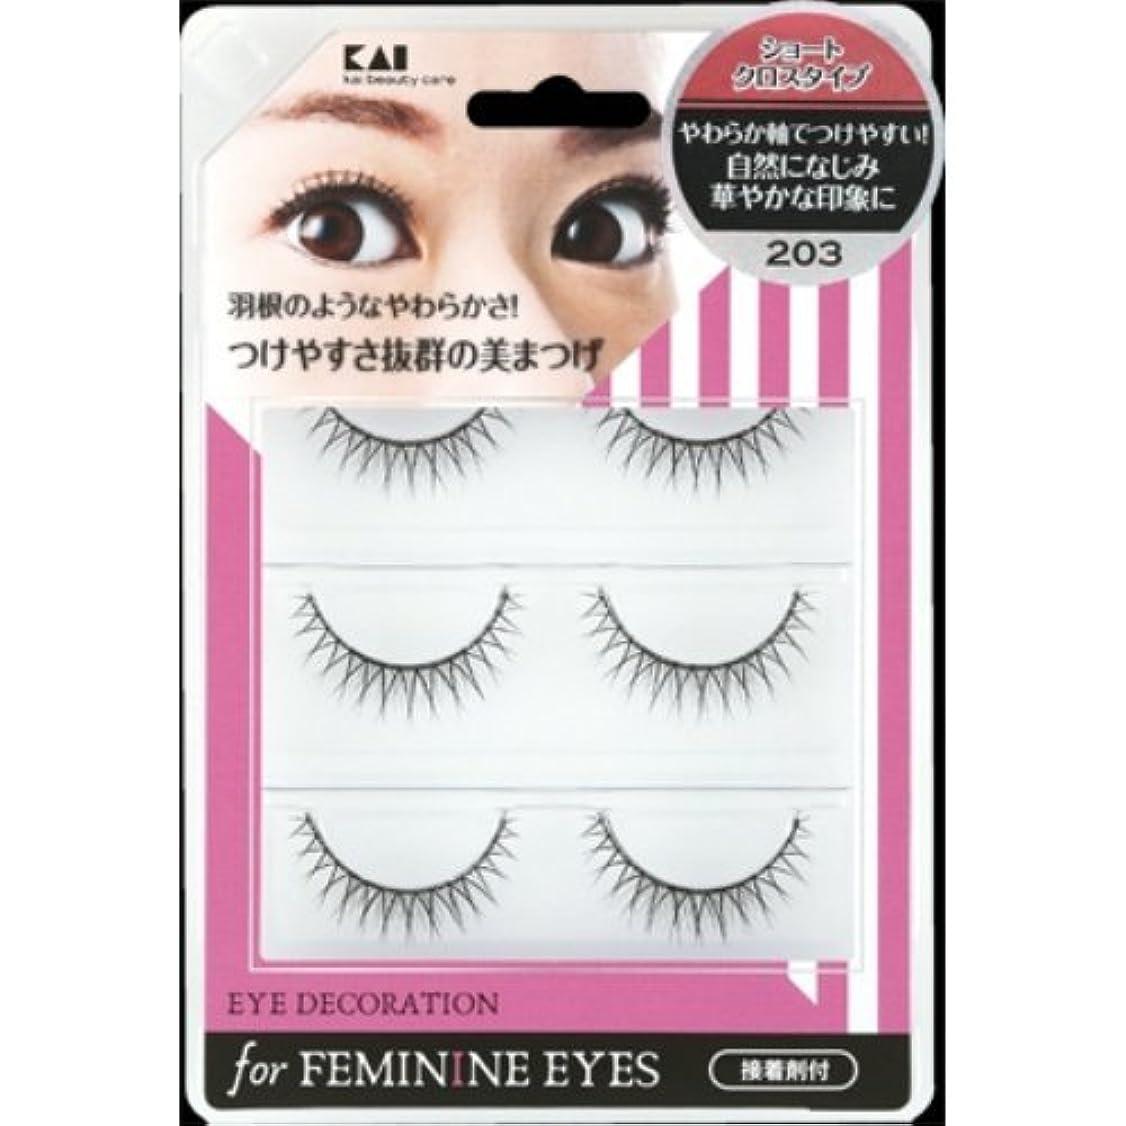 政治世論調査オーブン貝印 アイデコレーション for feminine eyes 203 HC1560